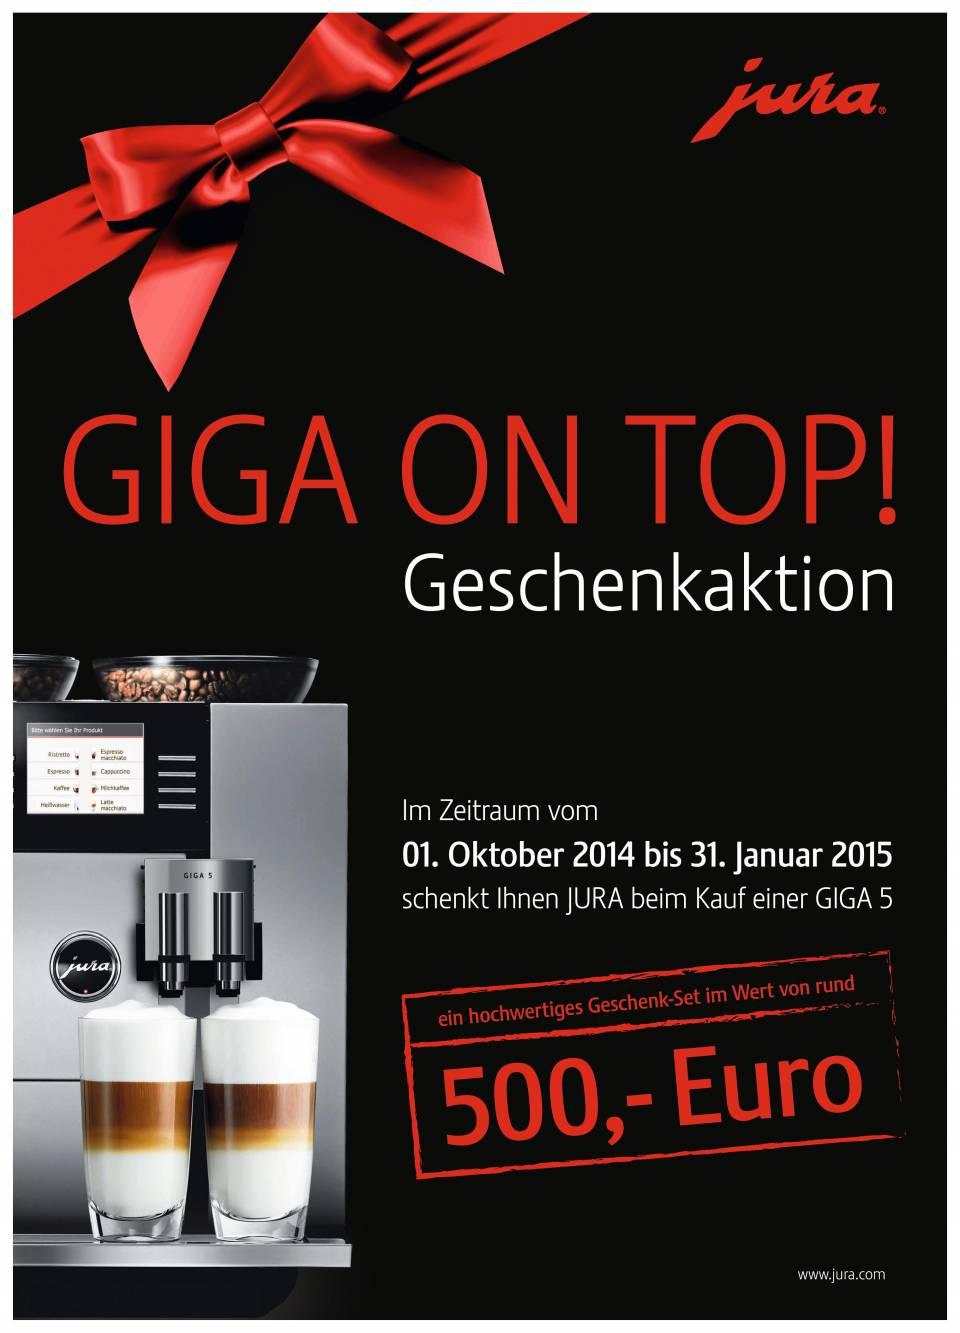 """Jura Geschenkaktion """"Giga on top!"""""""